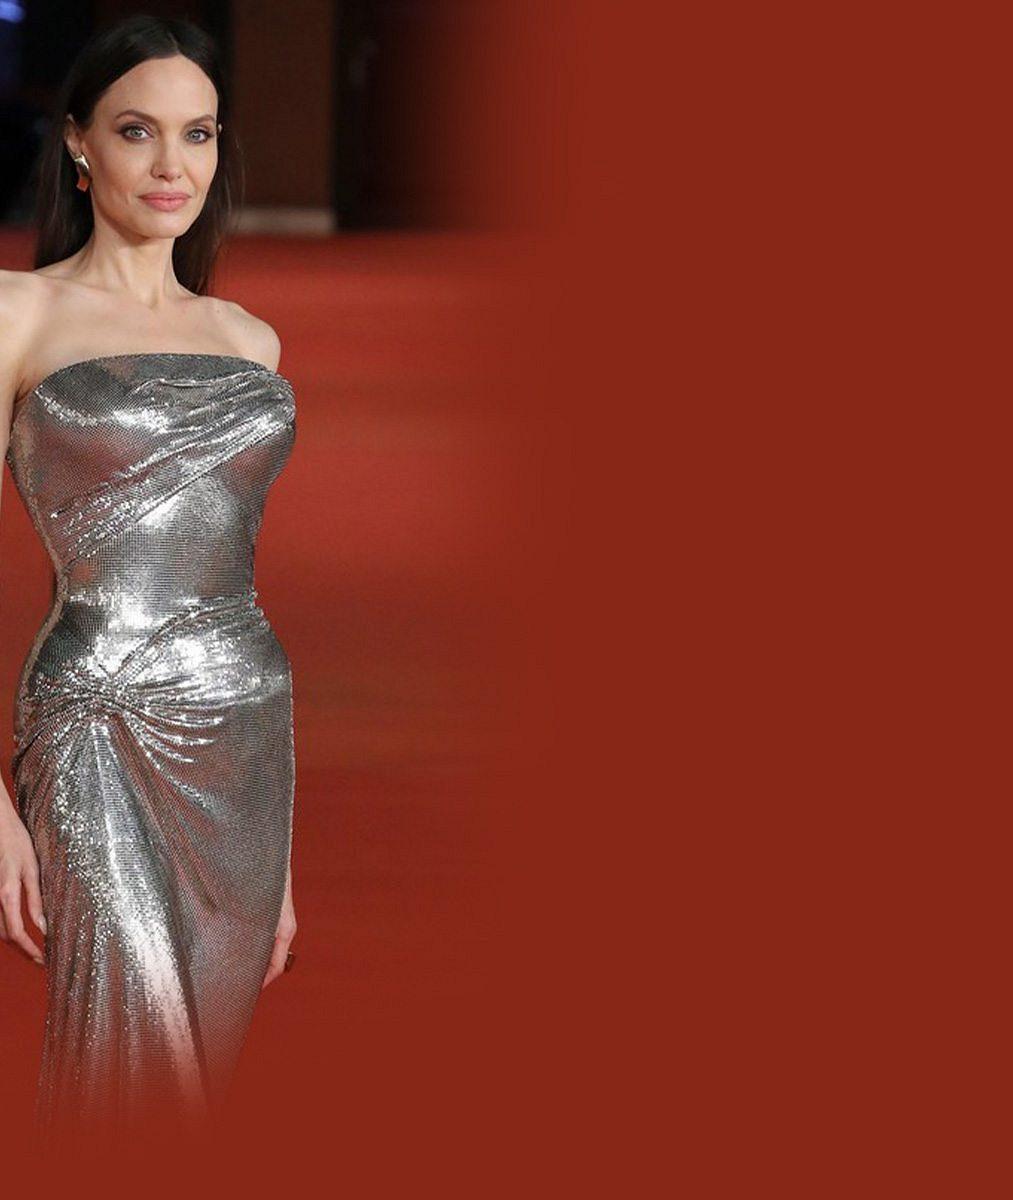 Průšvih na červeném koberci! Ještě že si Angelina Jolie neviděla na vlasy. Někdo by měl dostat padáka, píší lidé